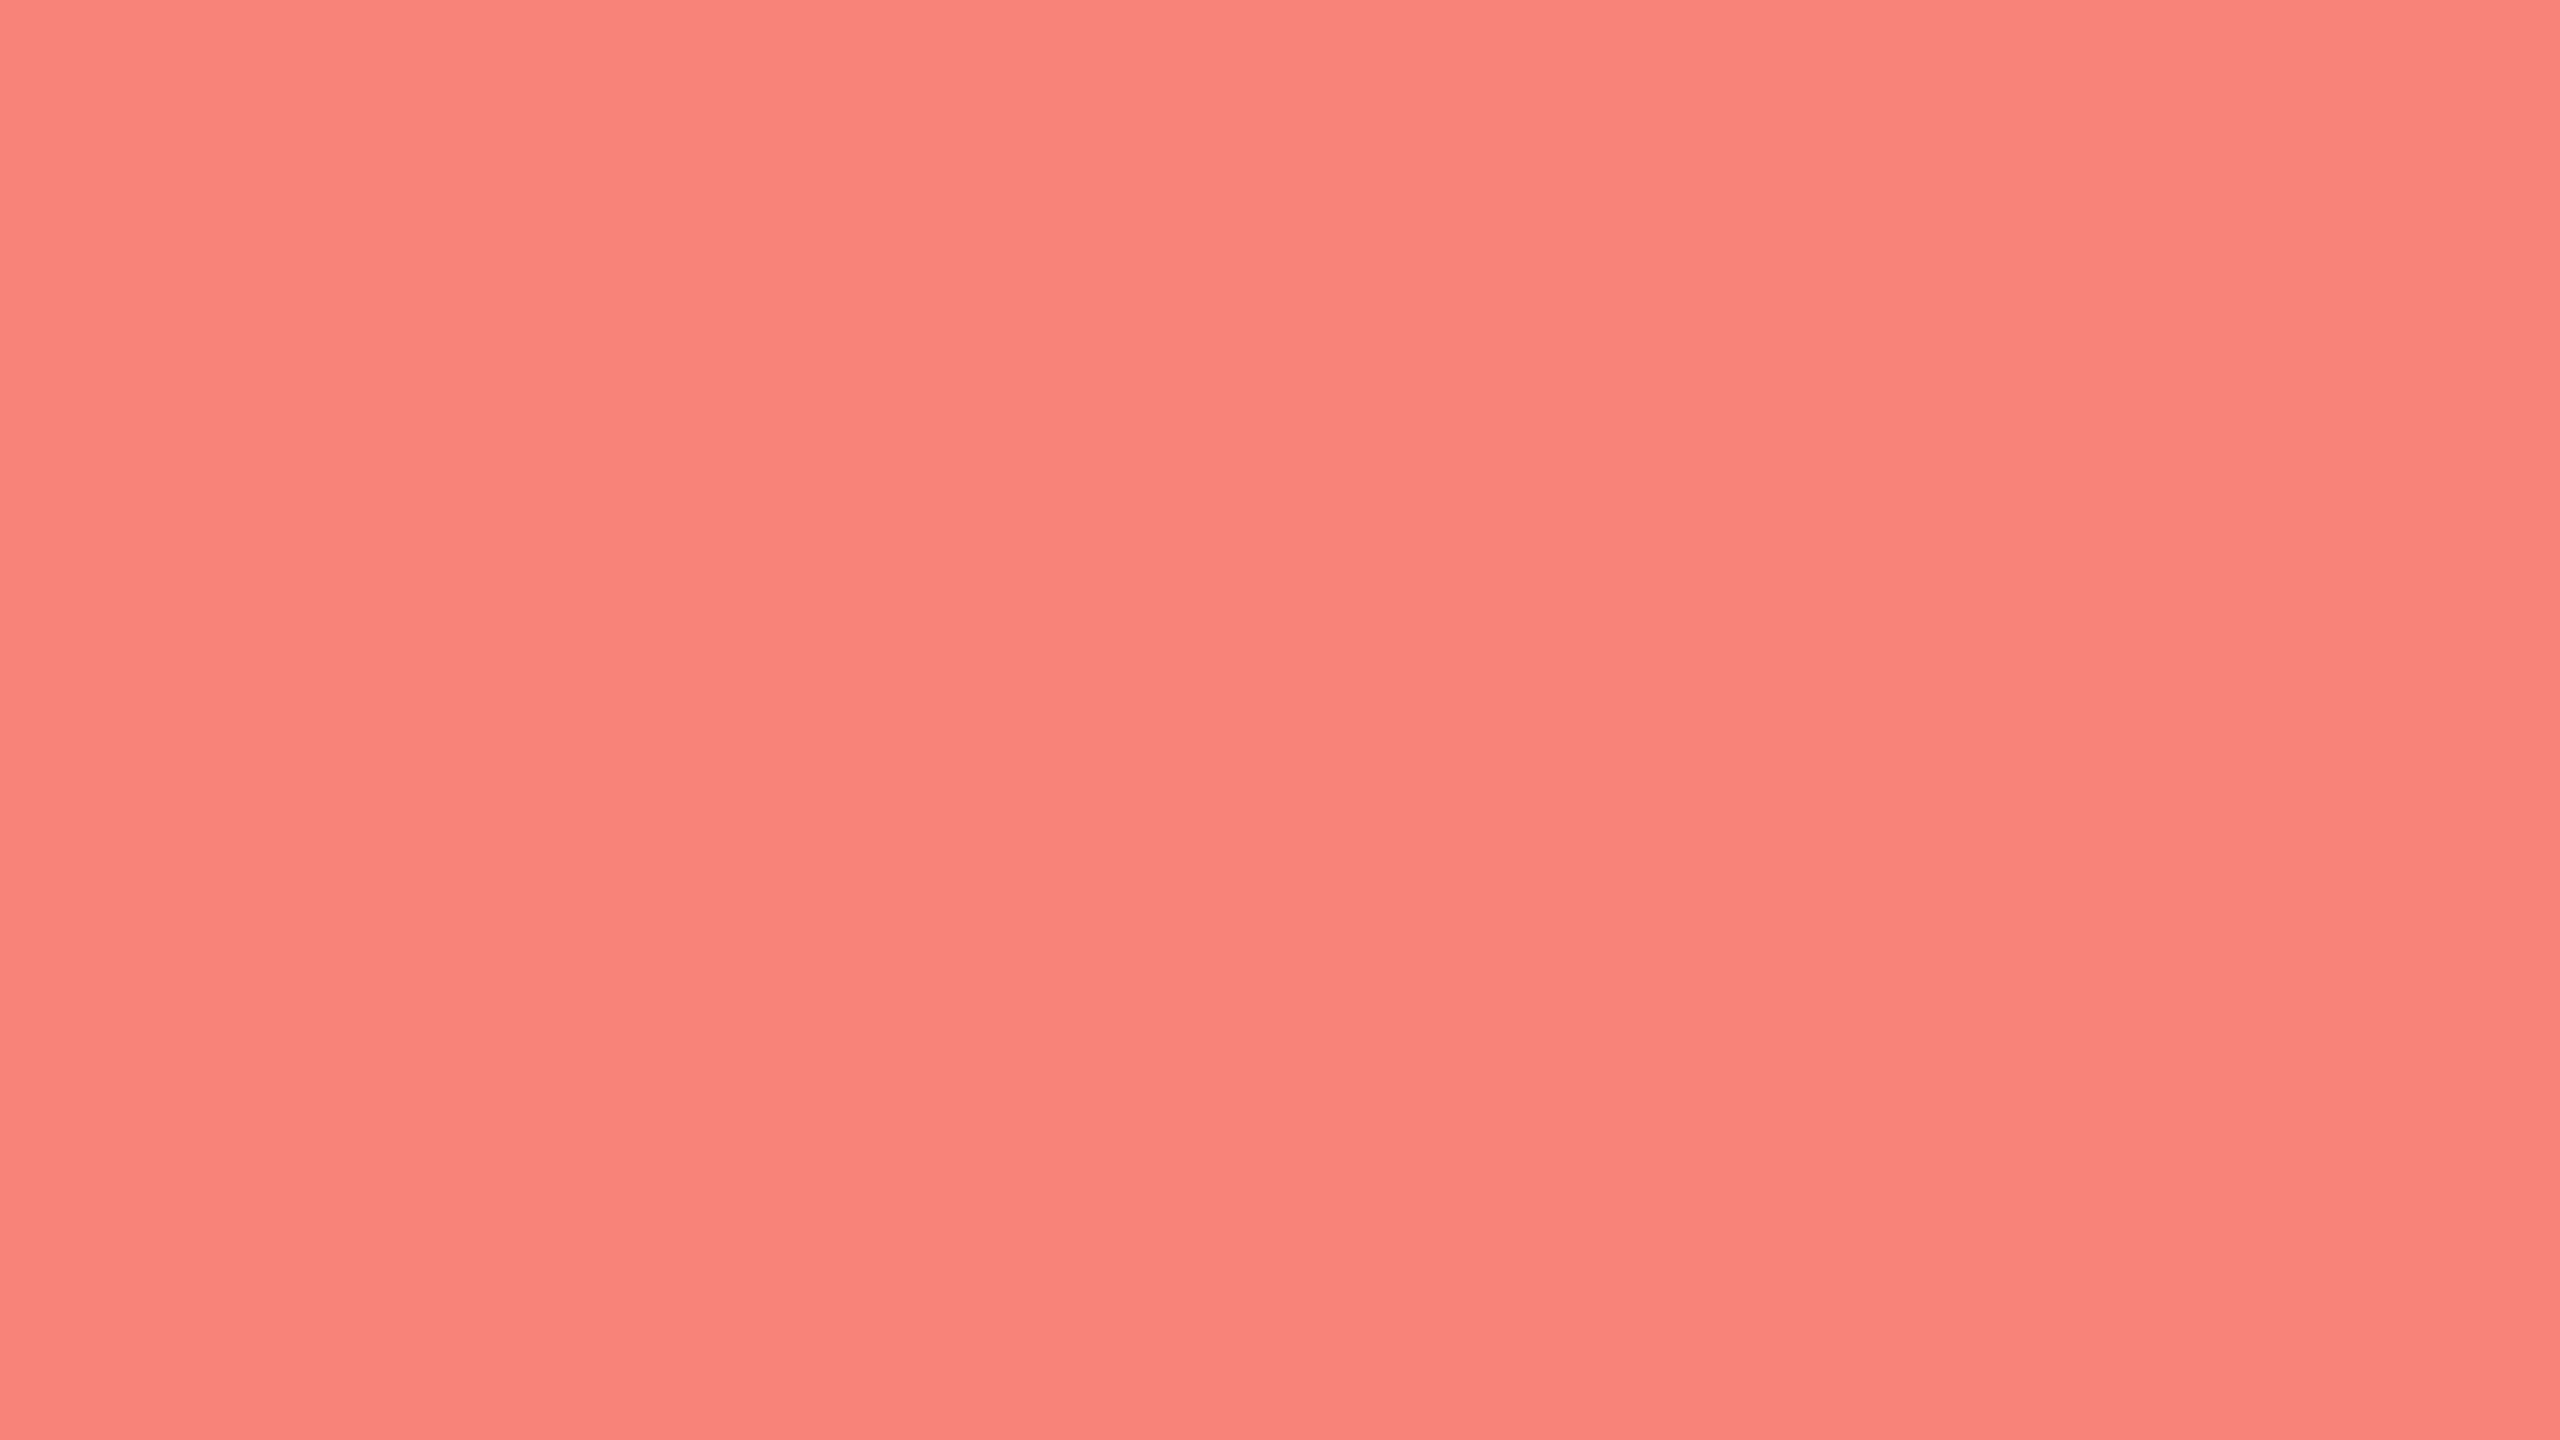 2560x1440 Tea Rose Orange Solid Color Background